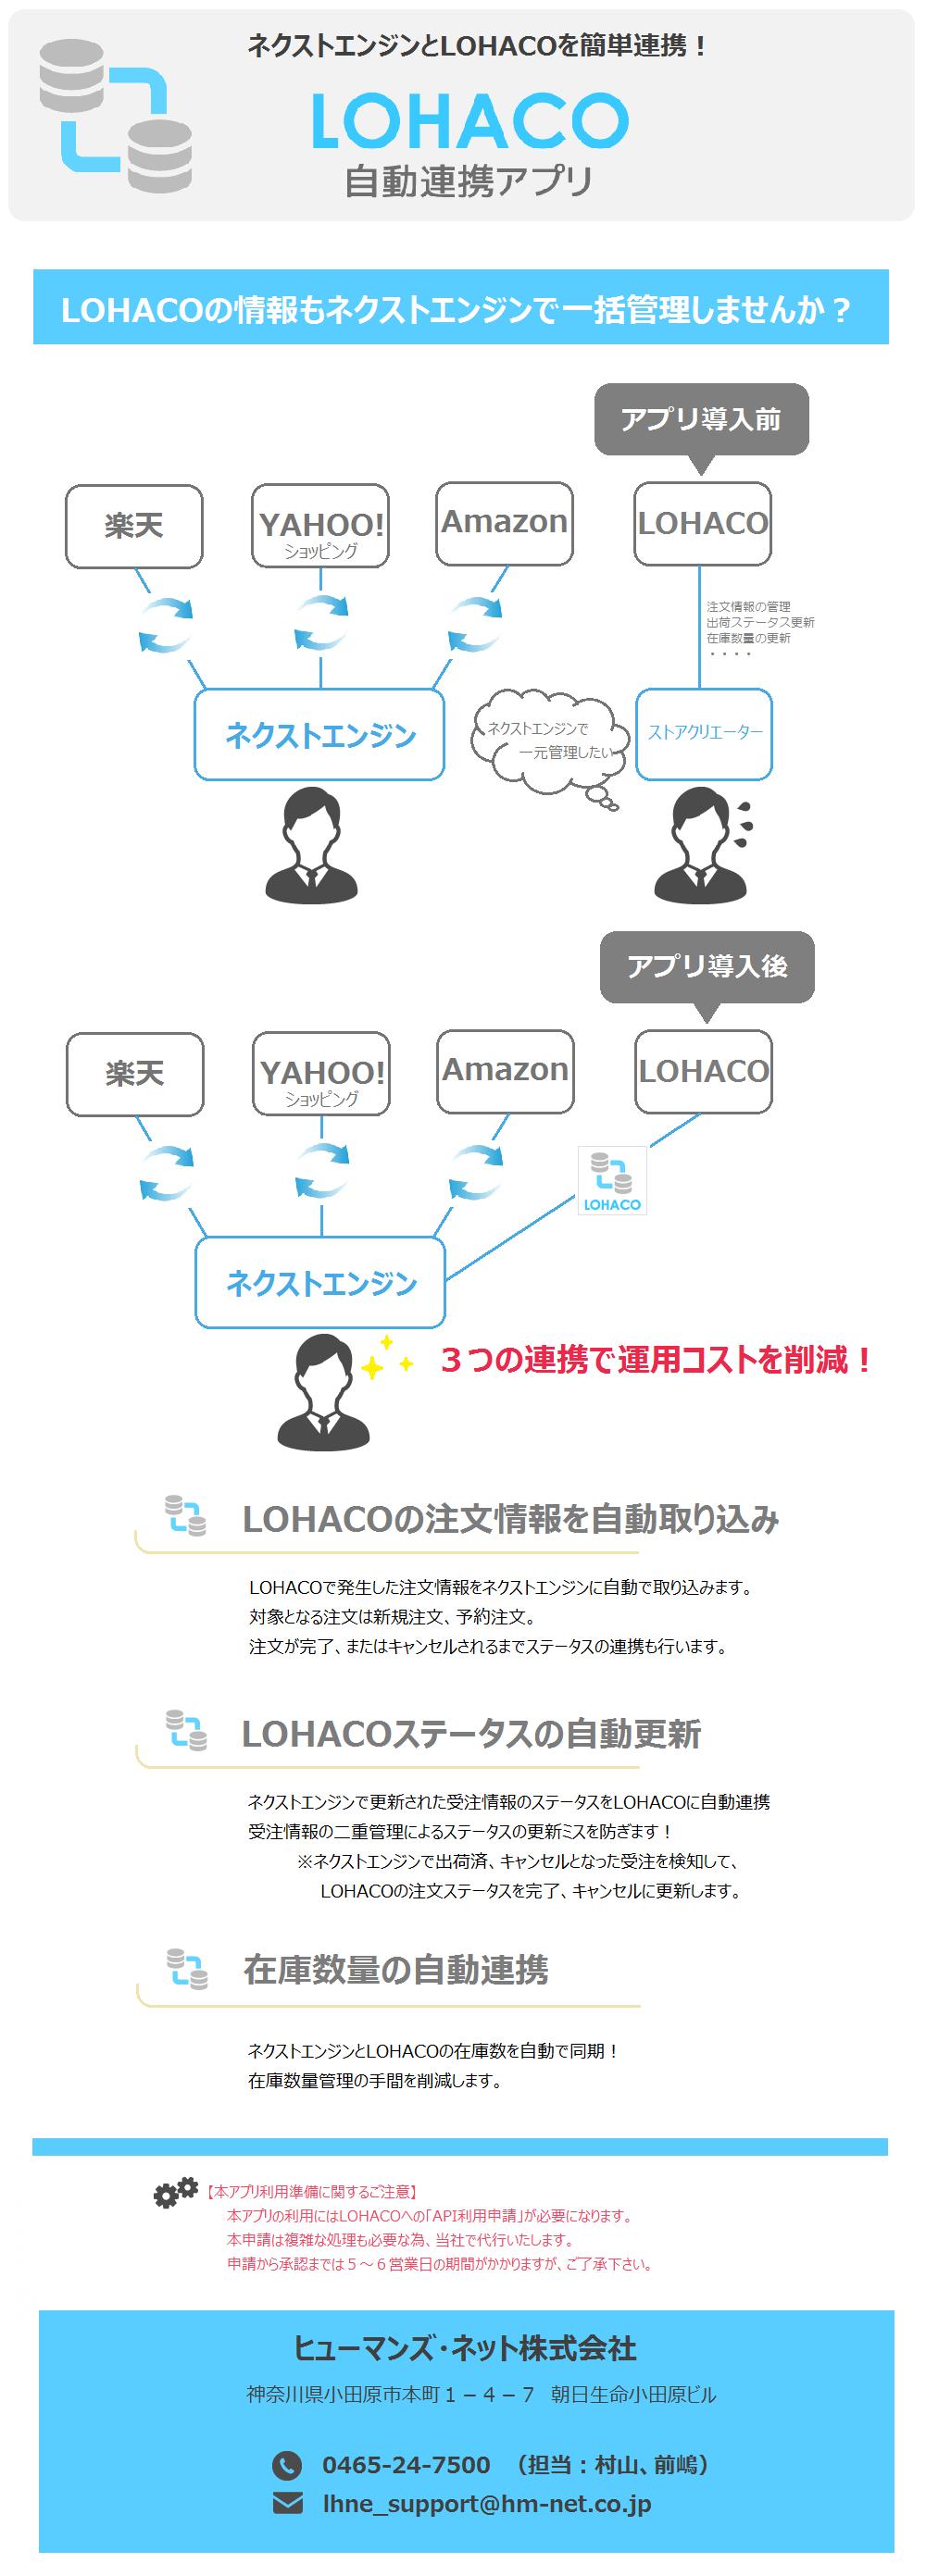 LOHACO連携アプリ